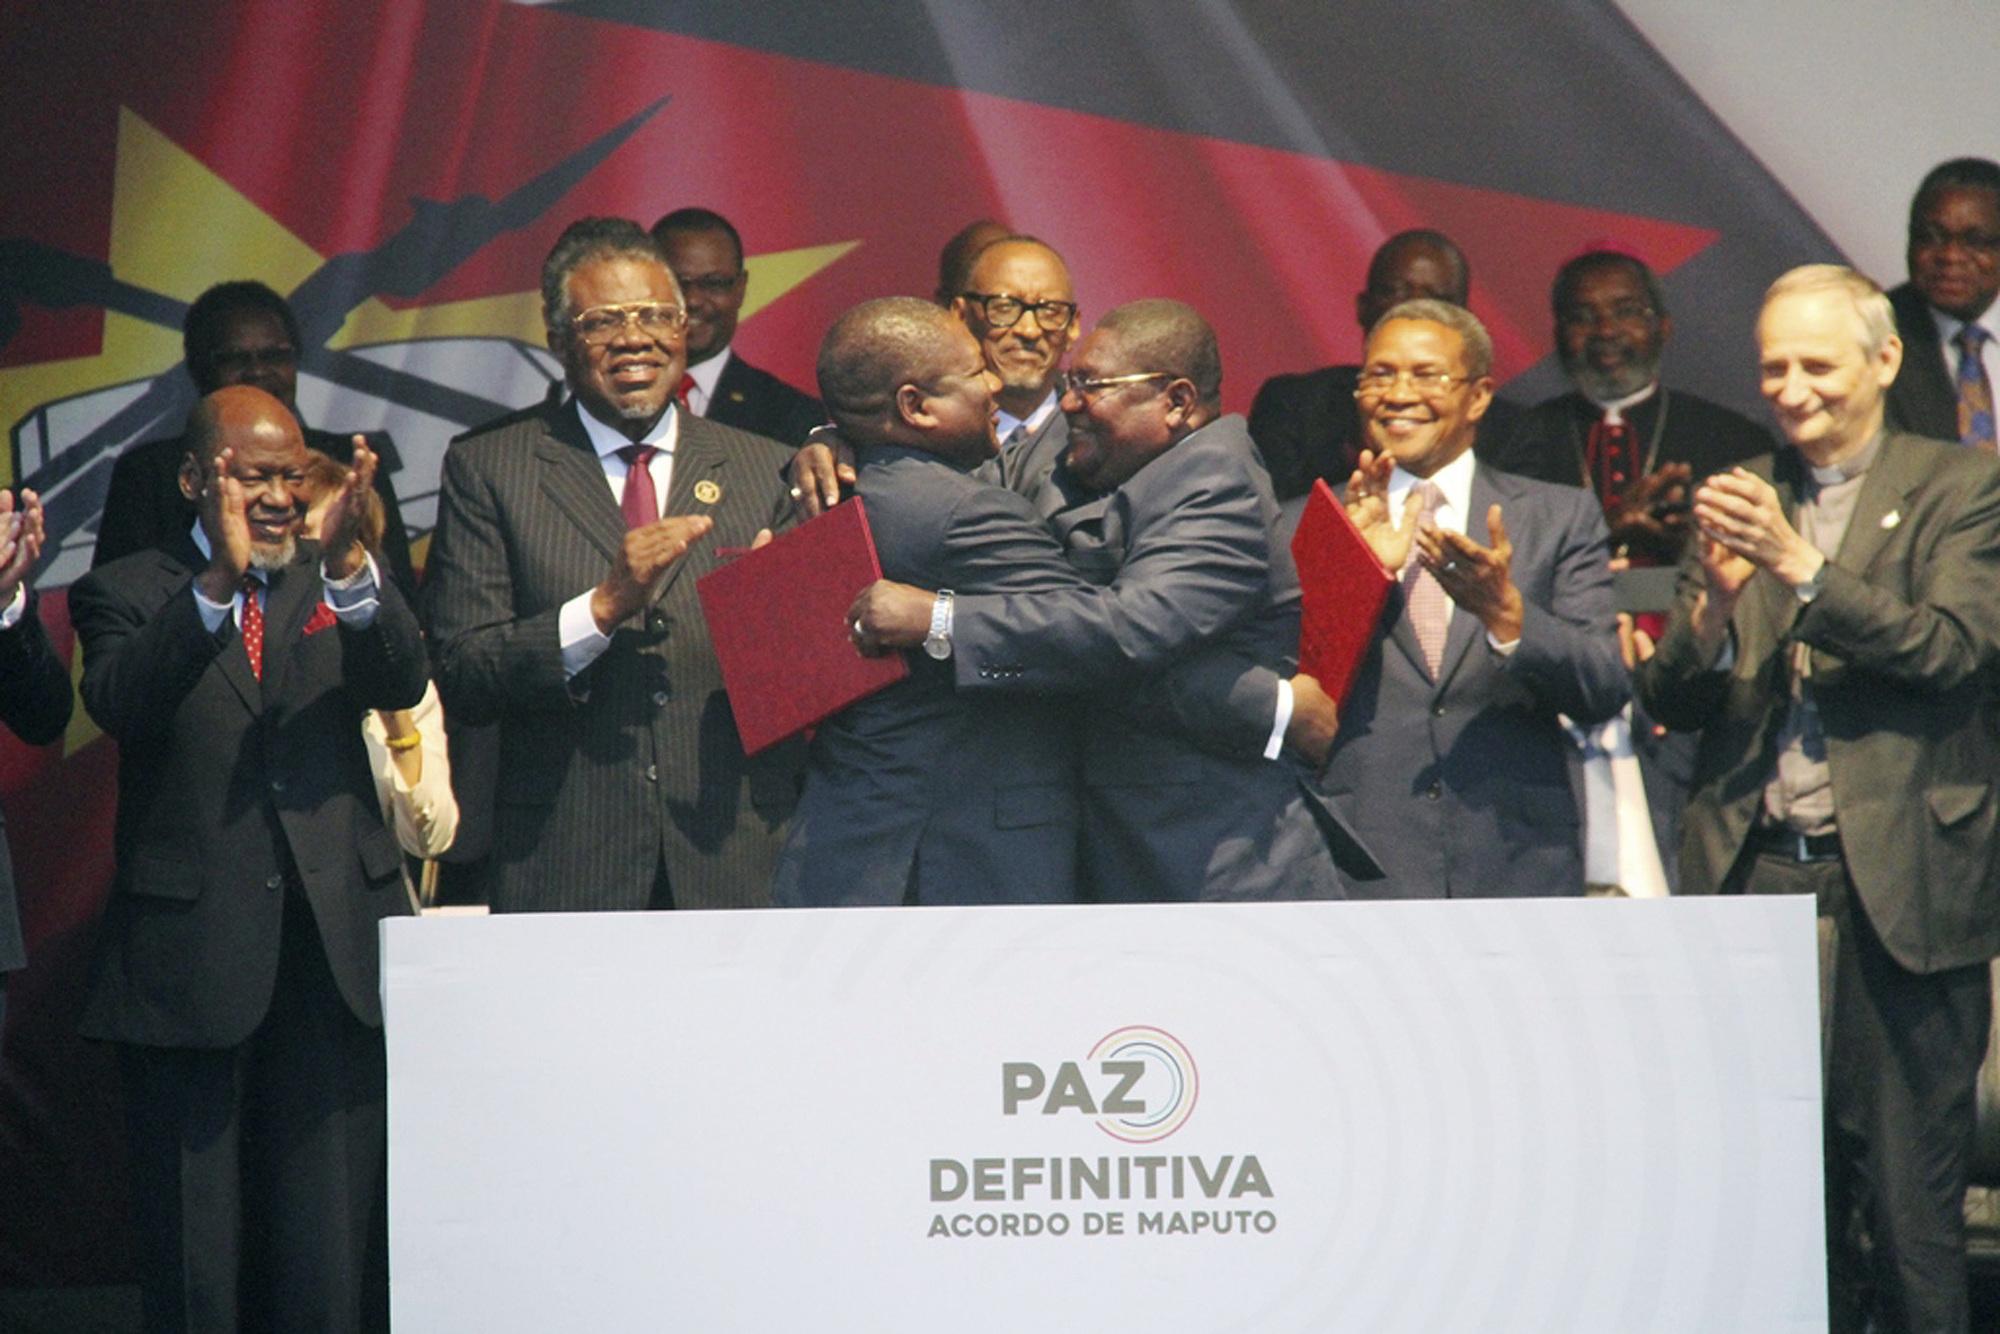 Le président mozambicain Filipe Nyusi (au centre, à gauche) et le leader de la Renamo, Ossufo Momade, s'embrassent lors de la signature des accords de paix à Maputo, au Mozambique, le 6 août 2019.